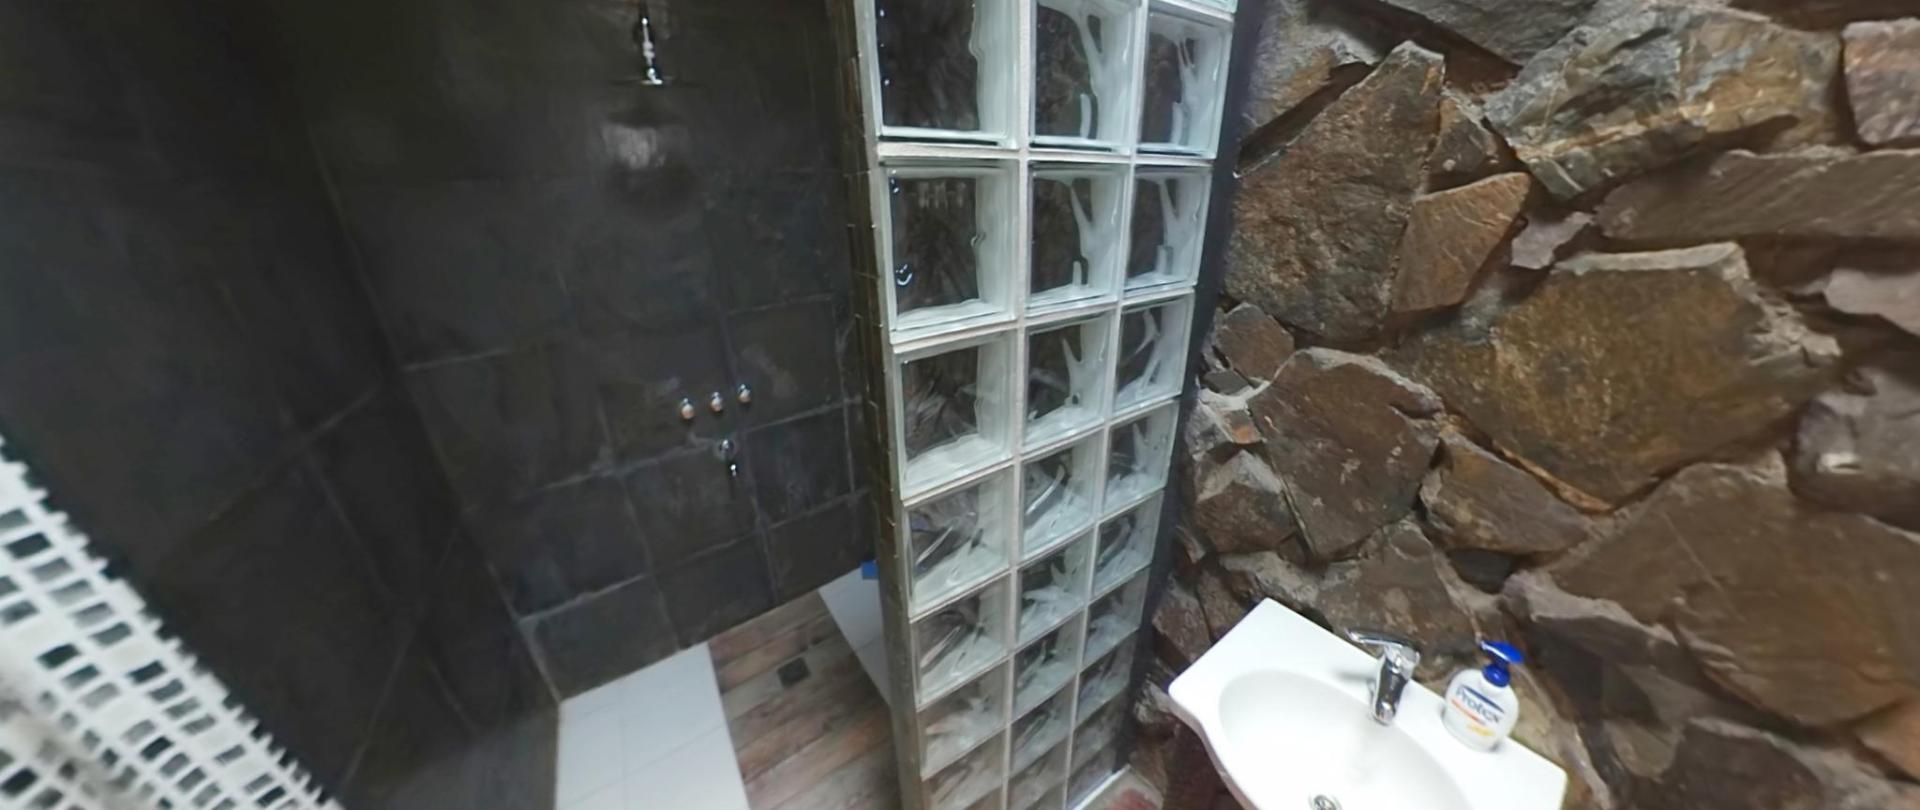 habitacion-4-4.png